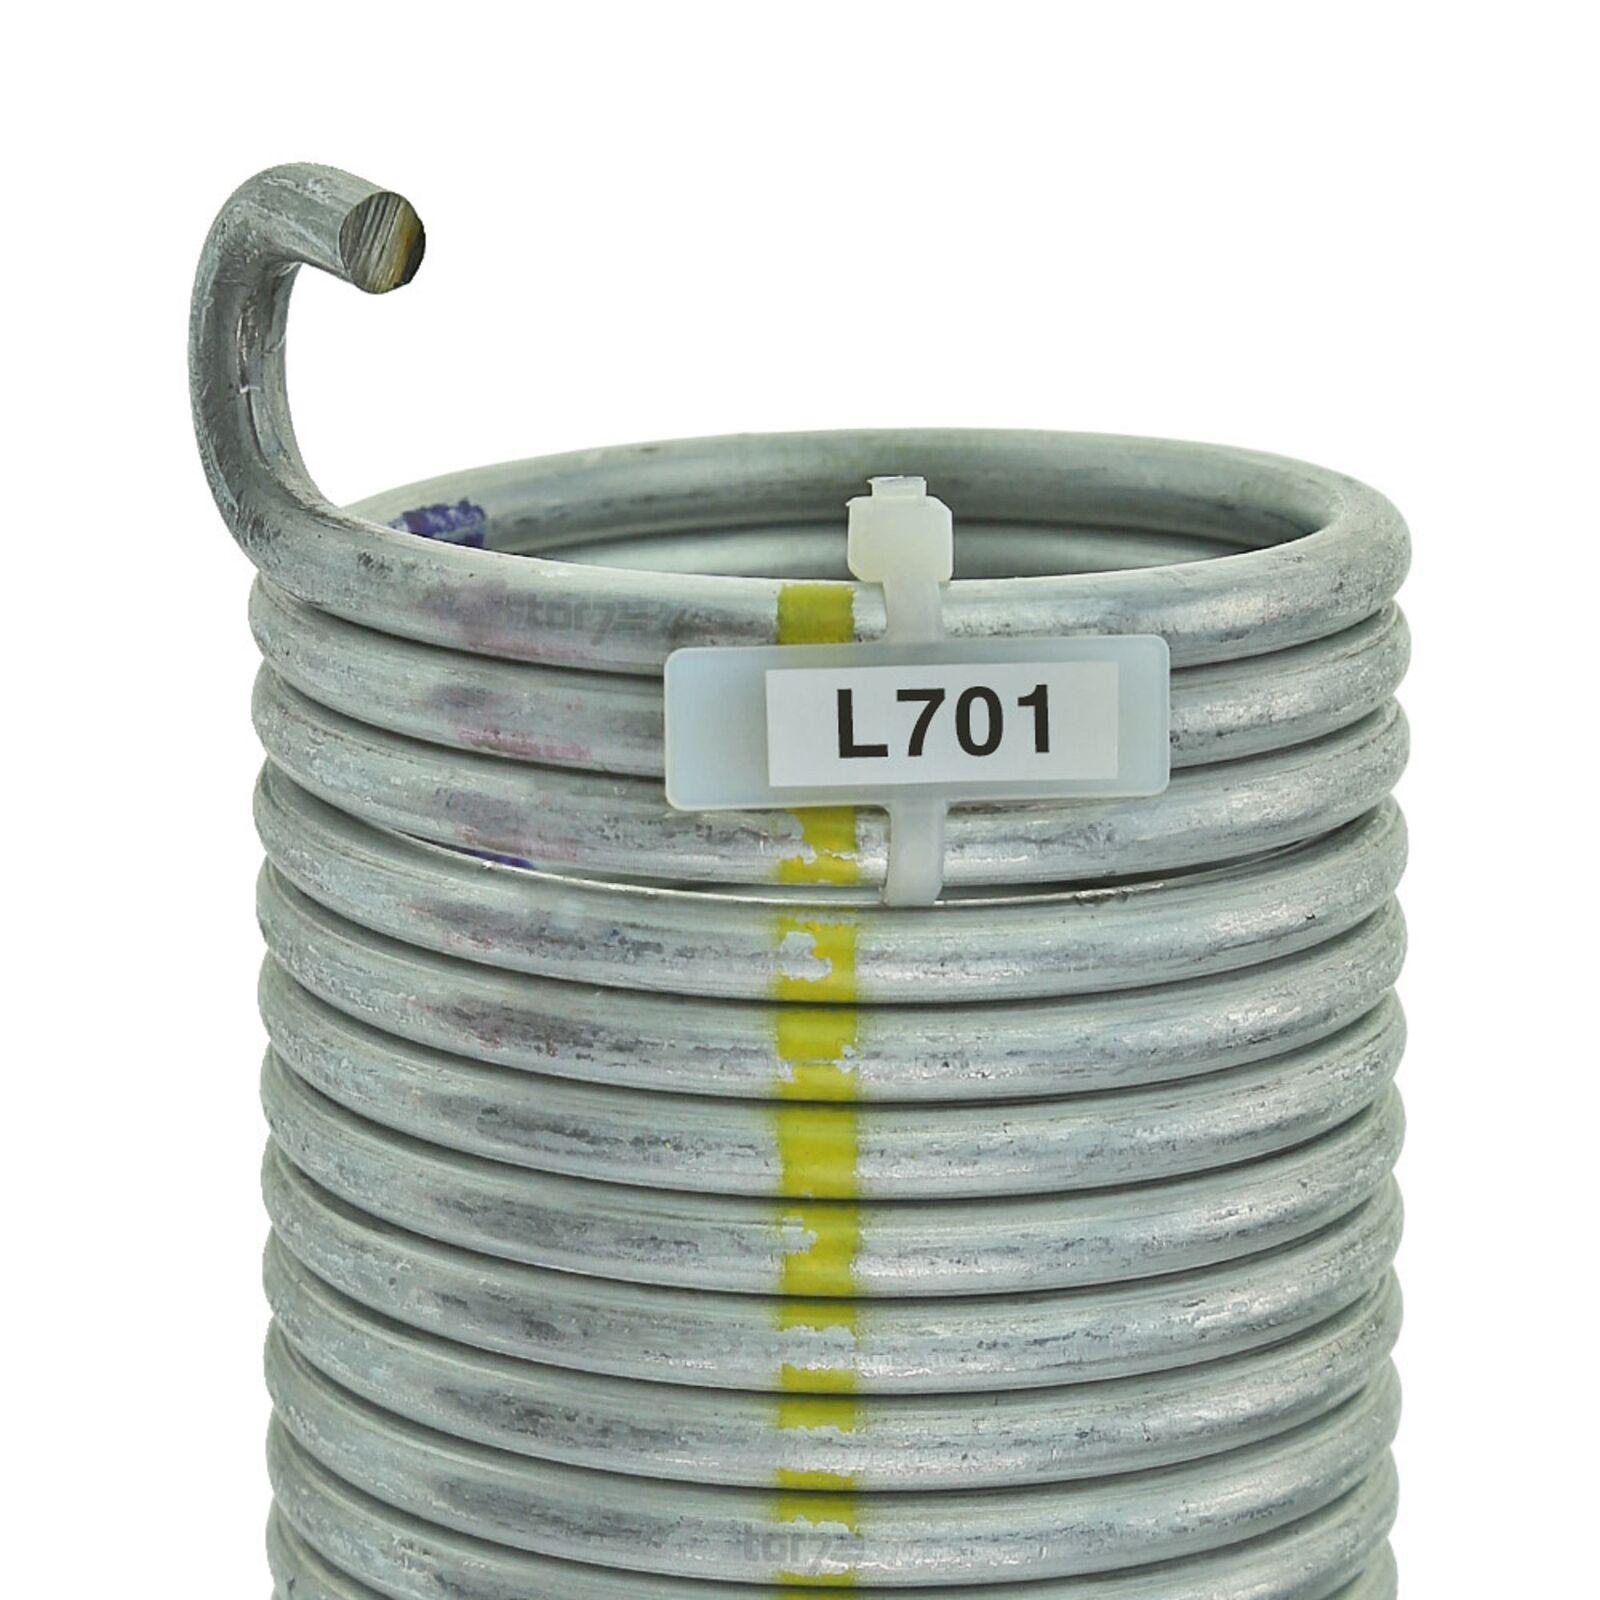 Torsionsfeder L701 / L20 für Hörmann Garagentor Garagentorfeder Torfeder